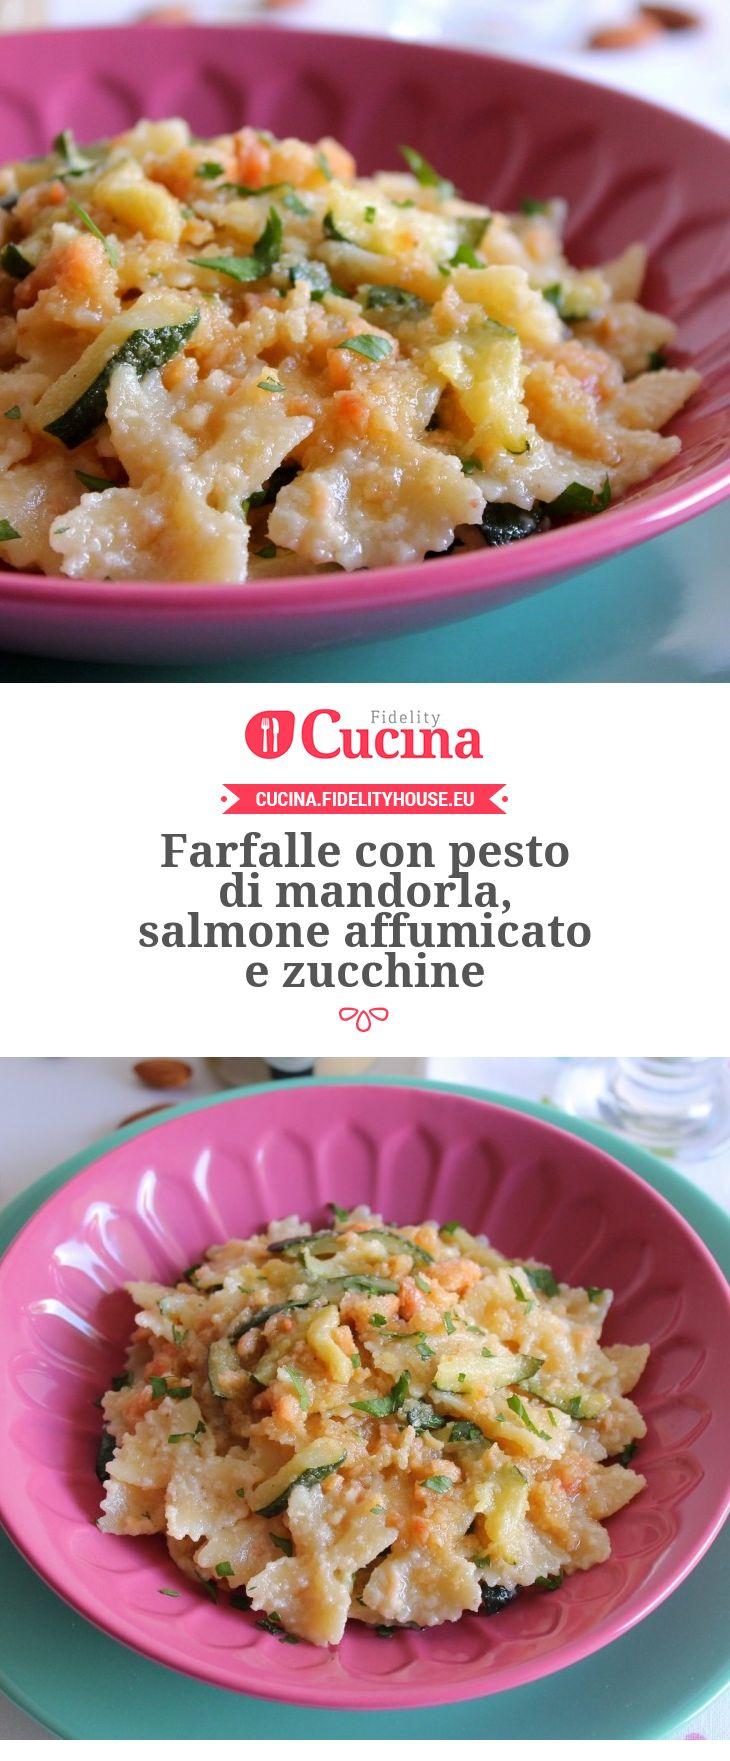 Farfalle con pesto di #mandorla, #salmone affumicato e #zucchine della nostra utente Giovanna. Unisciti alla nostra Community ed invia le tue ricette!